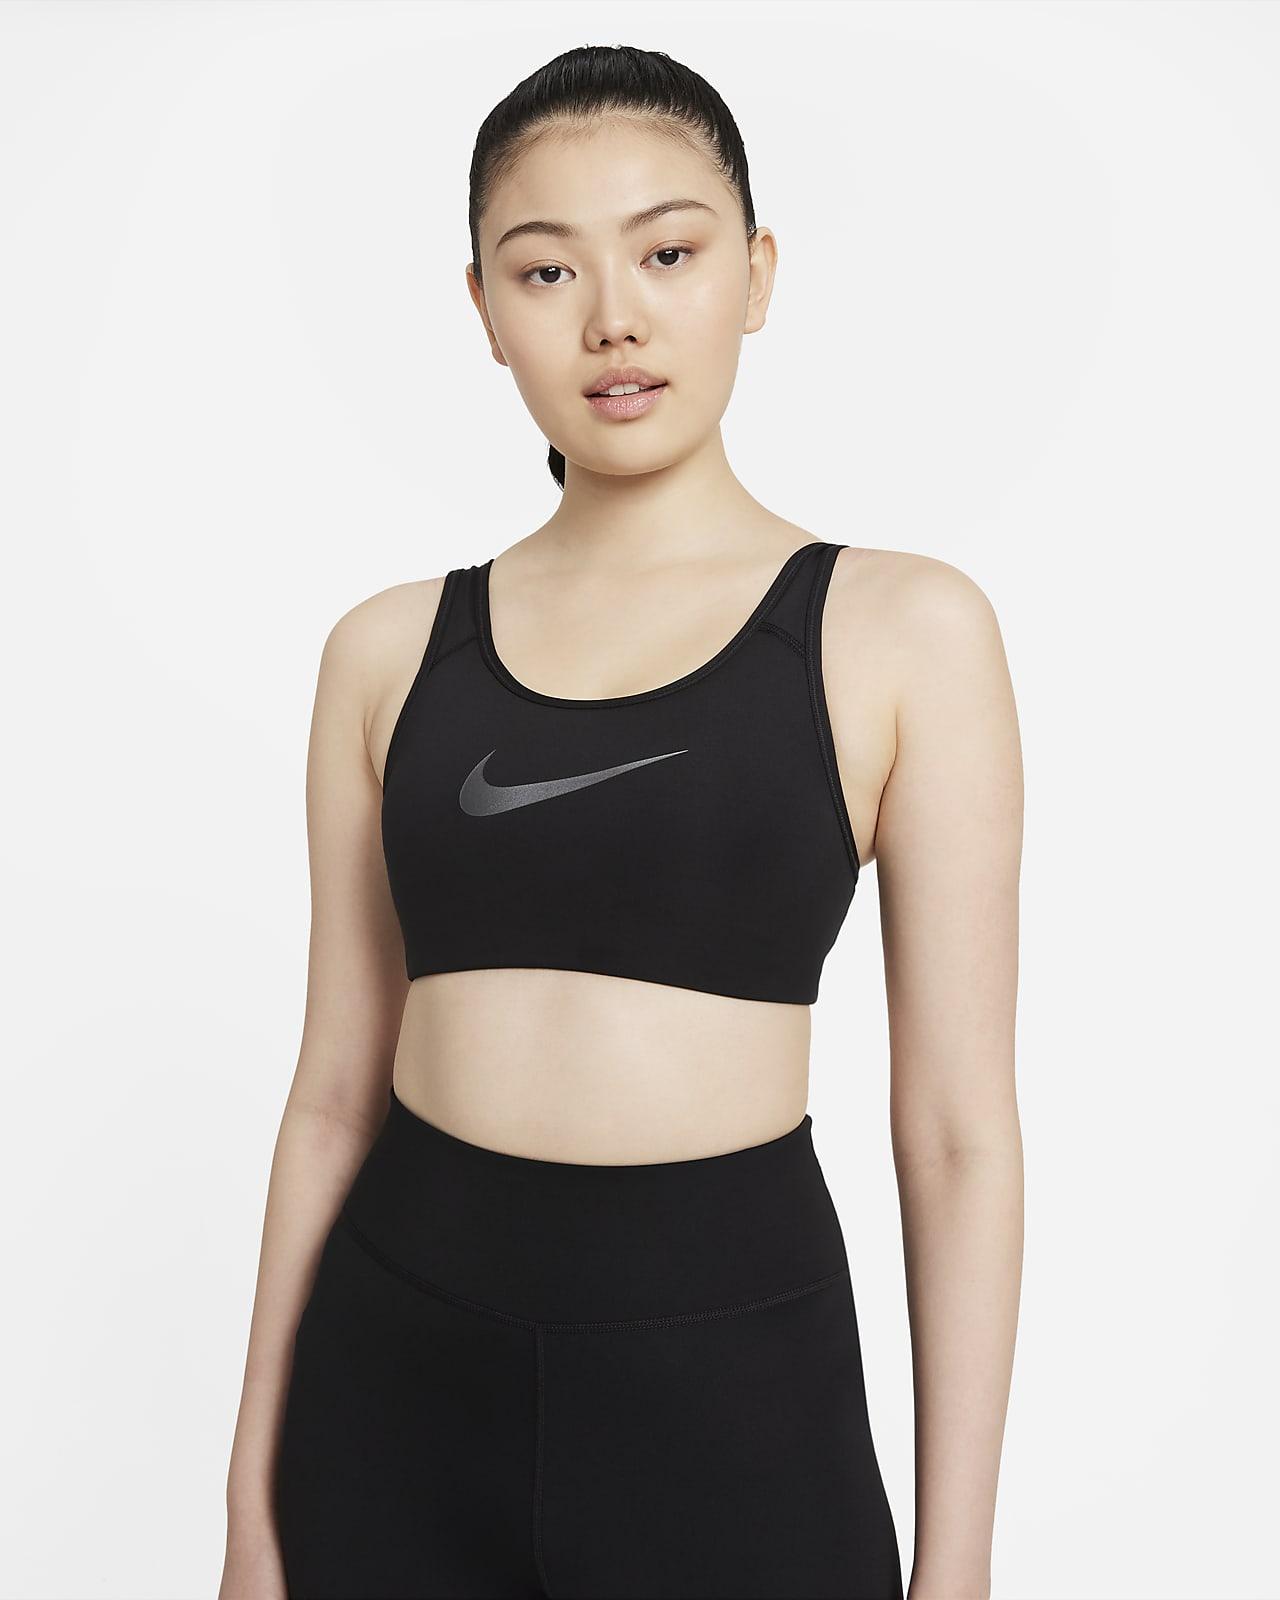 สปอร์ตบราผู้หญิงซัพพอร์ตระดับกลางแบบสายเส้นเล็กมีแผ่นฟองน้ำ 1 ชิ้น Nike Dri-FIT Swoosh Icon Clash